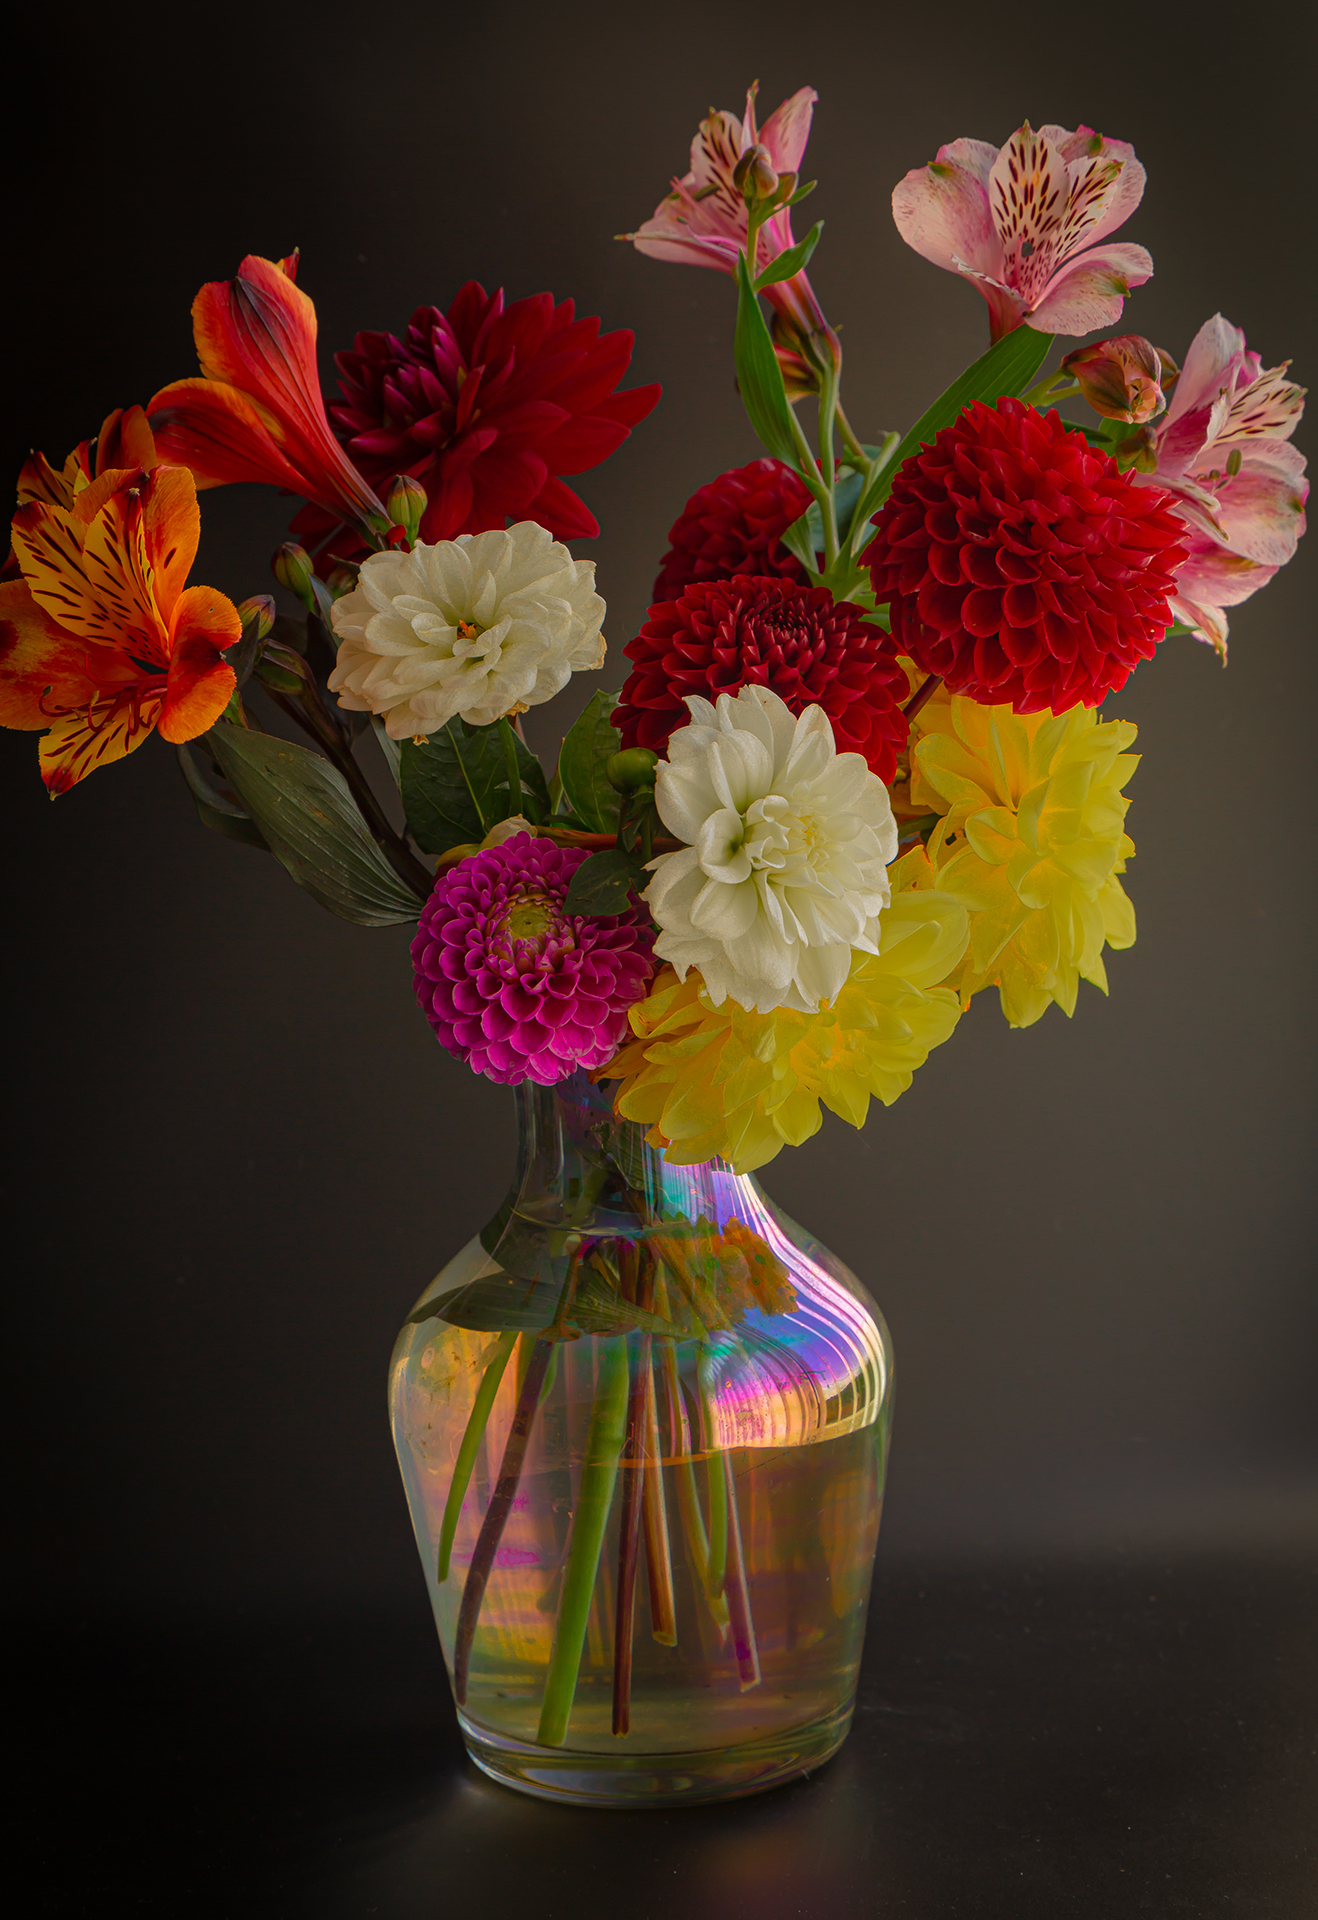 boquet in a vase